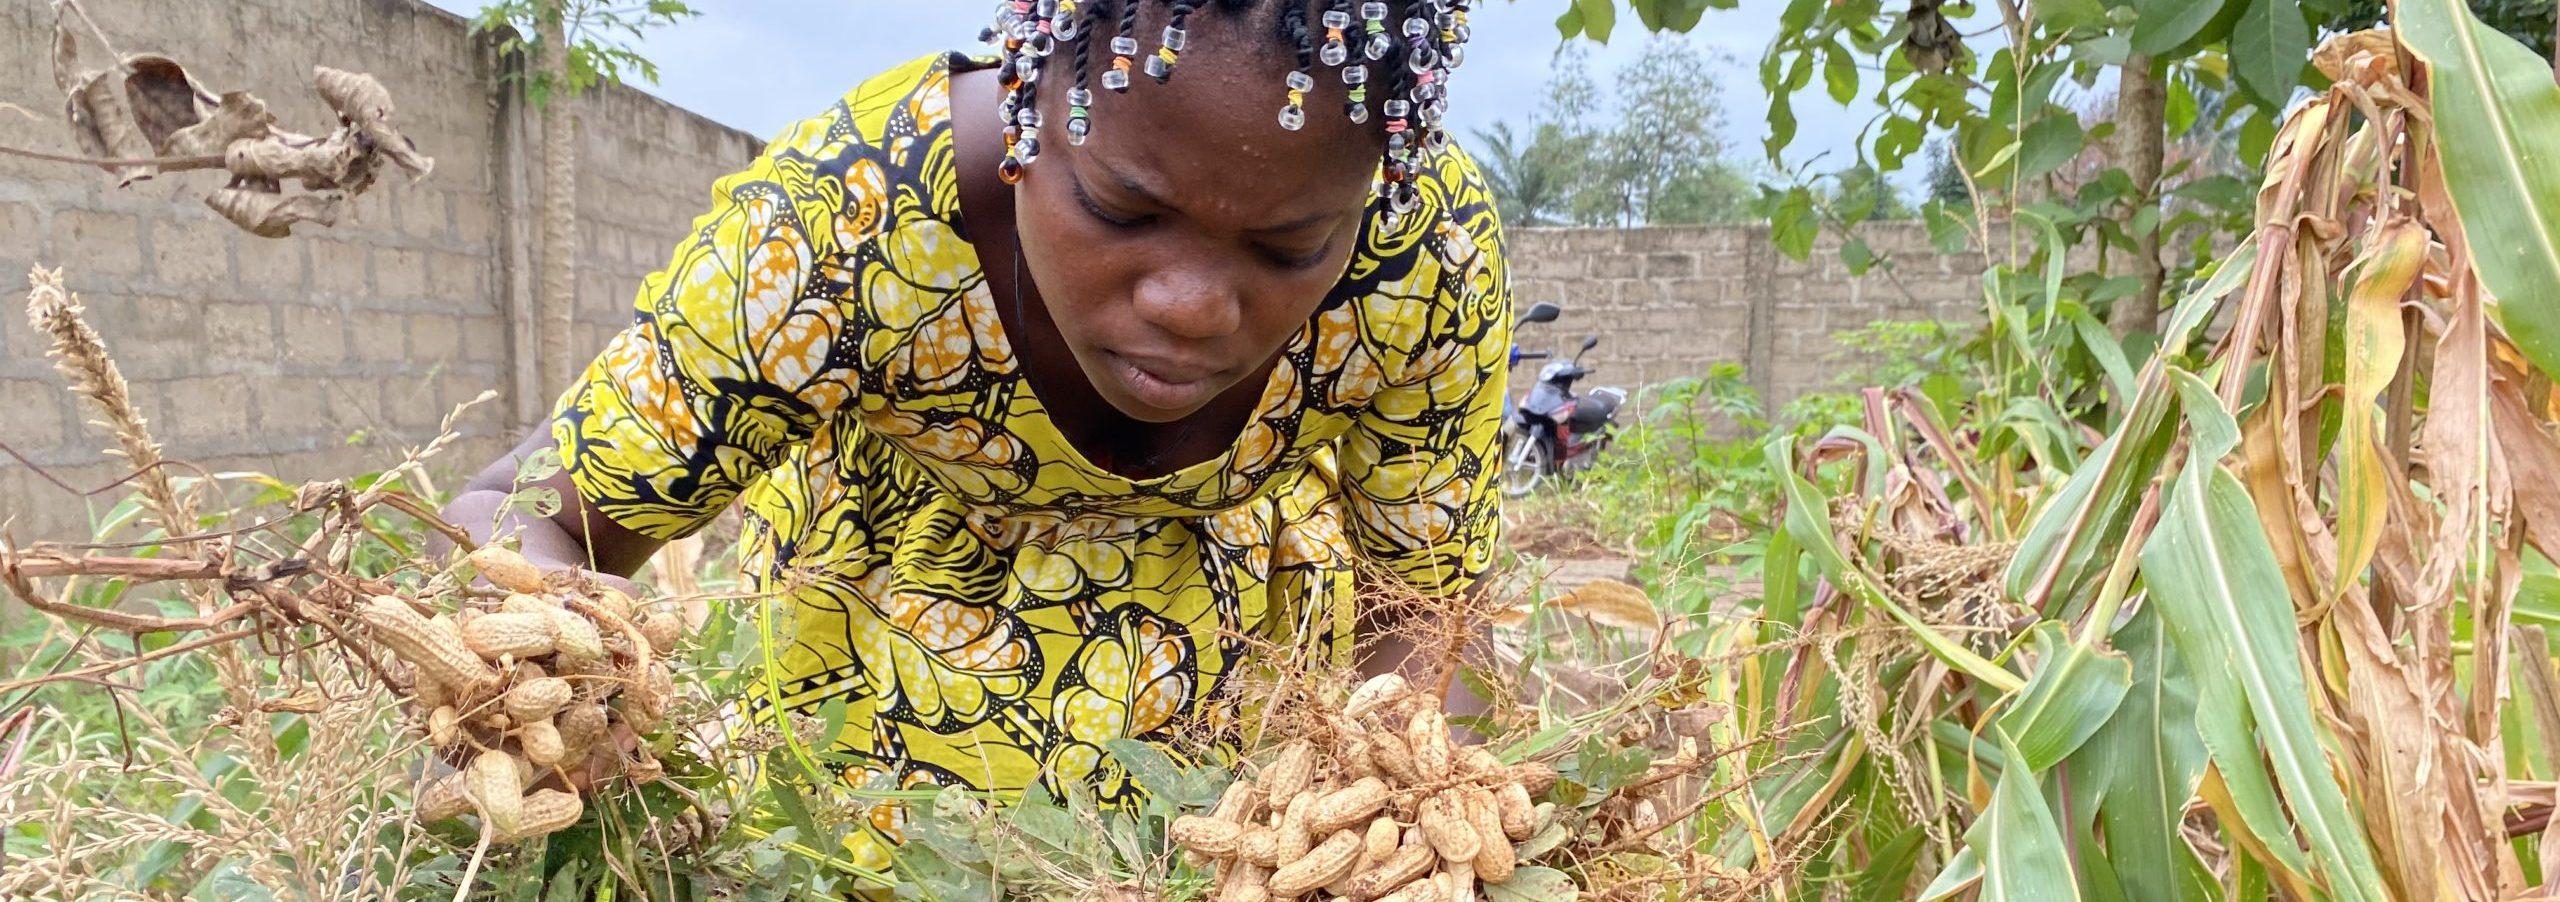 Promouvoir l'agriculture : limiter la malnutrition chez les enfants